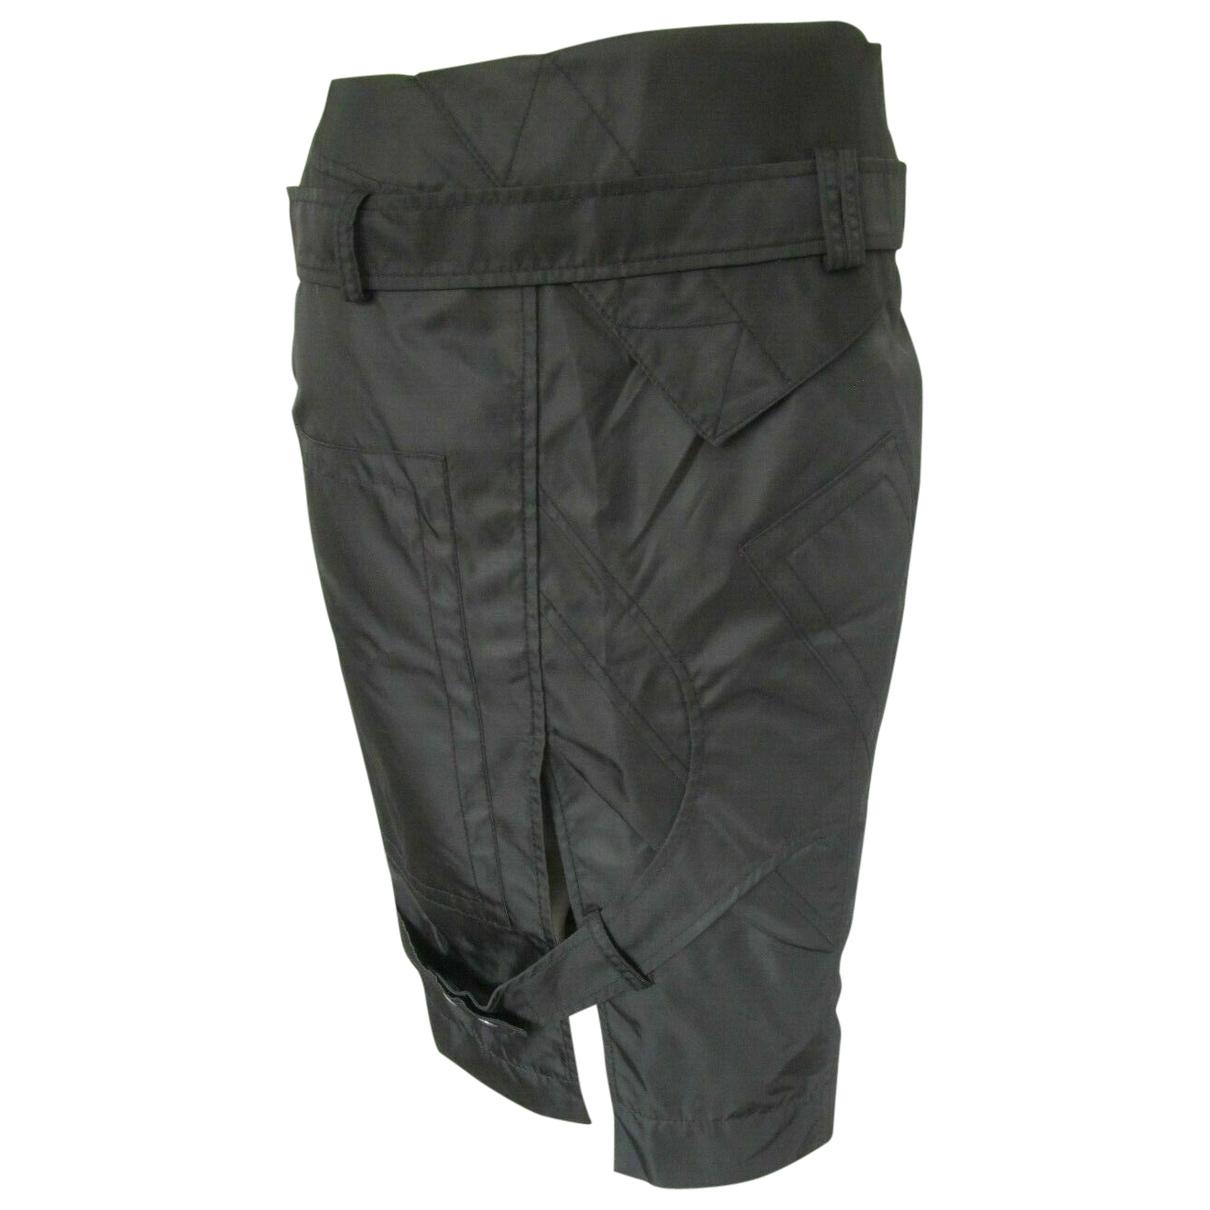 Altuzarra \N Green skirt for Women 40 FR